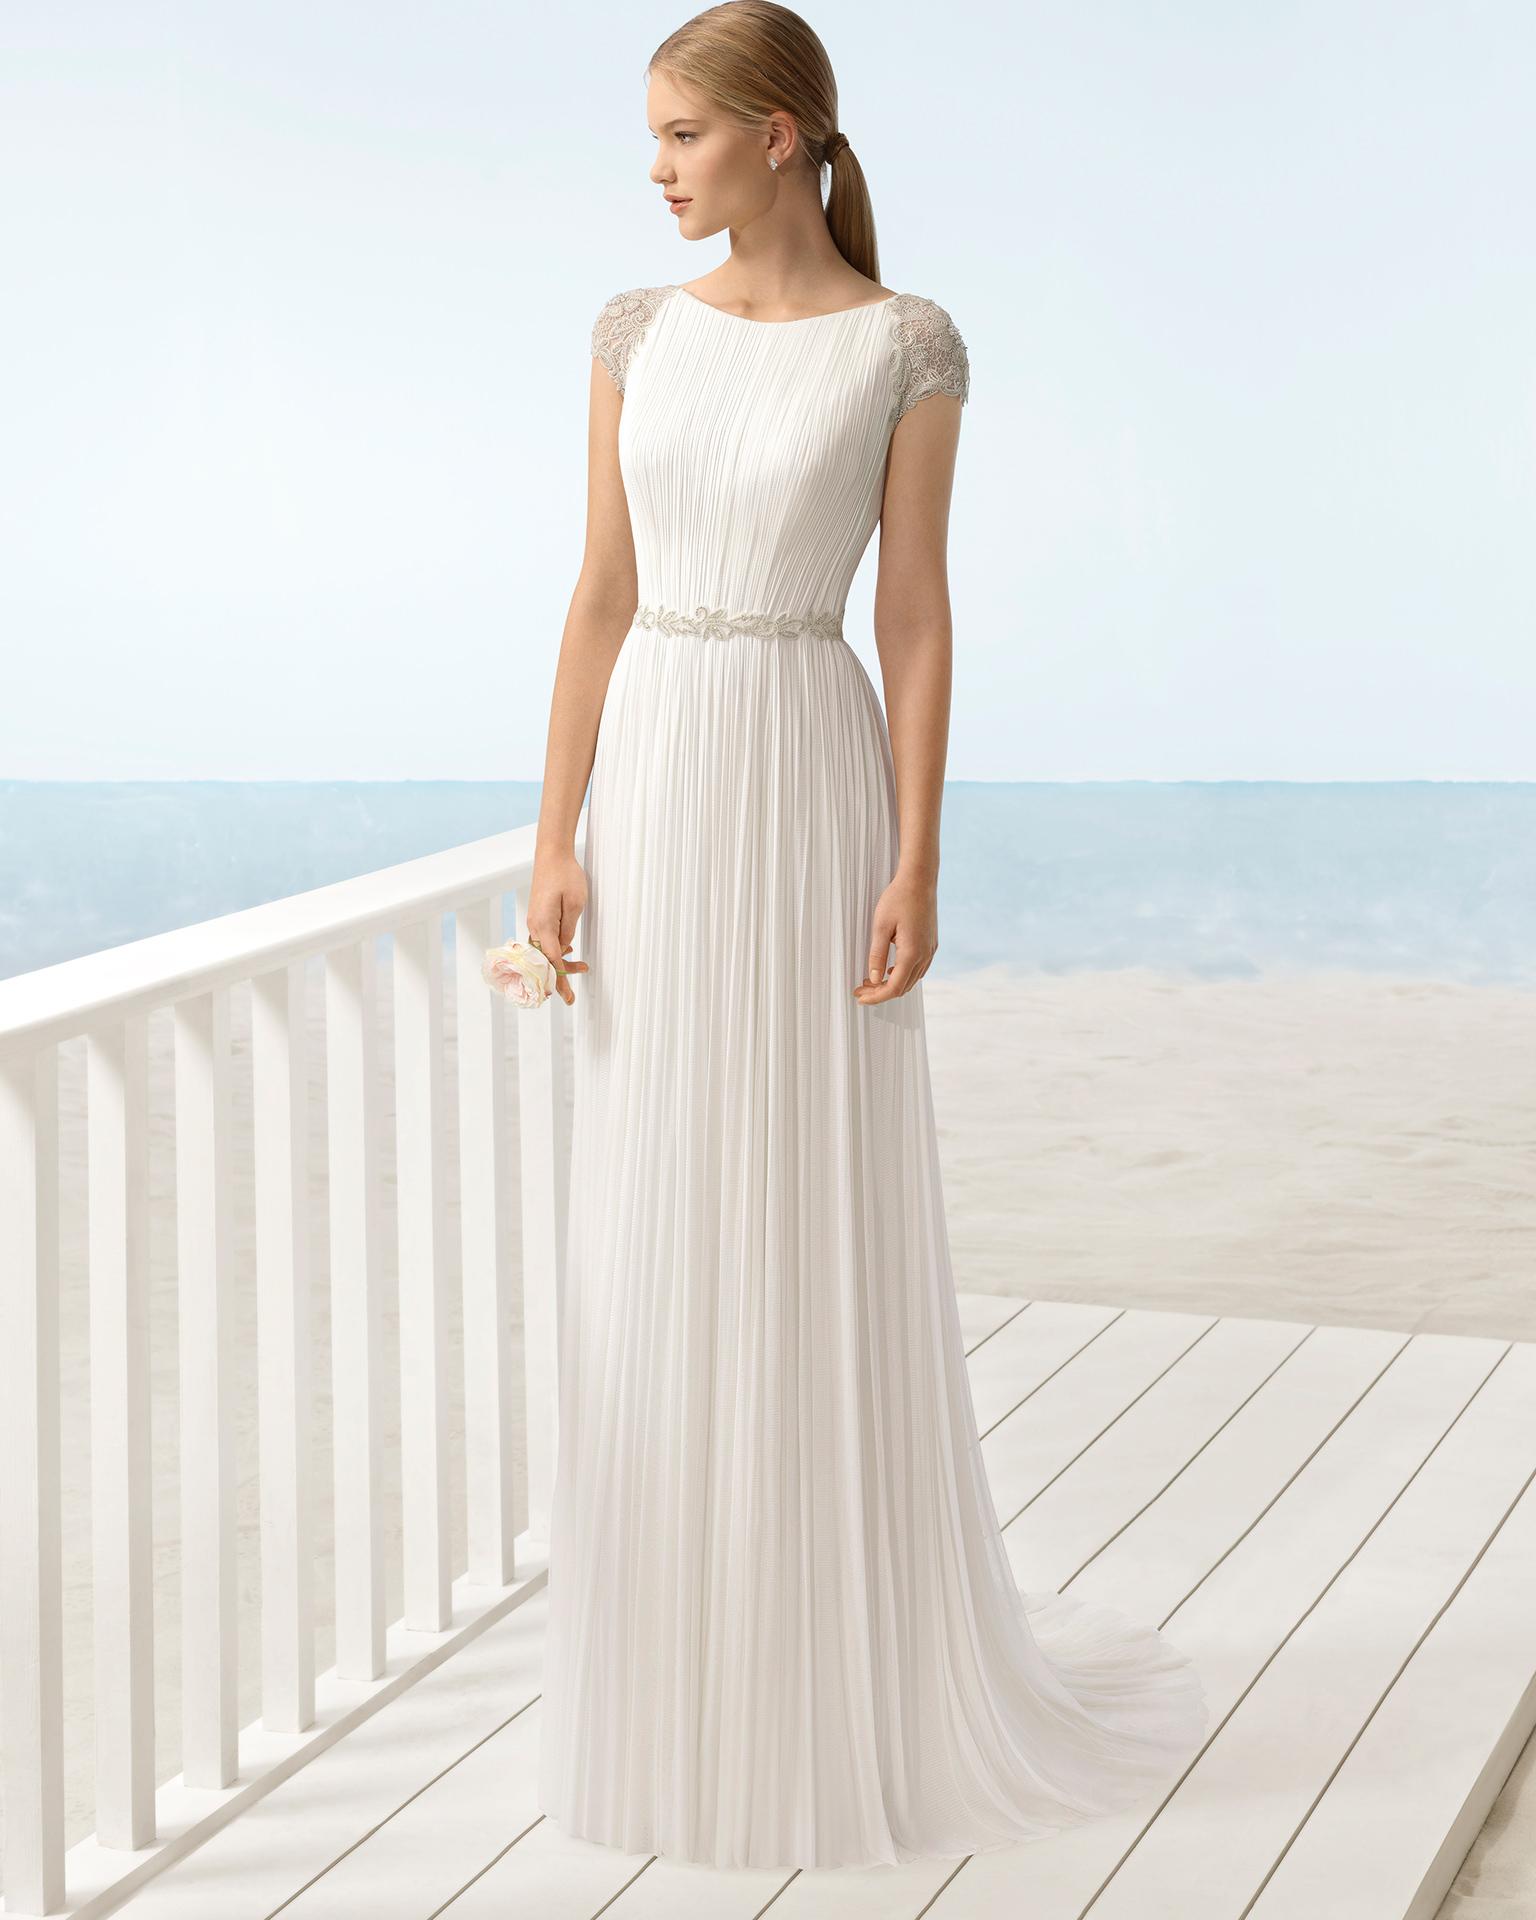 Vestido de novia estilo boho en muselina de seda, con escote barco y espalda joya.